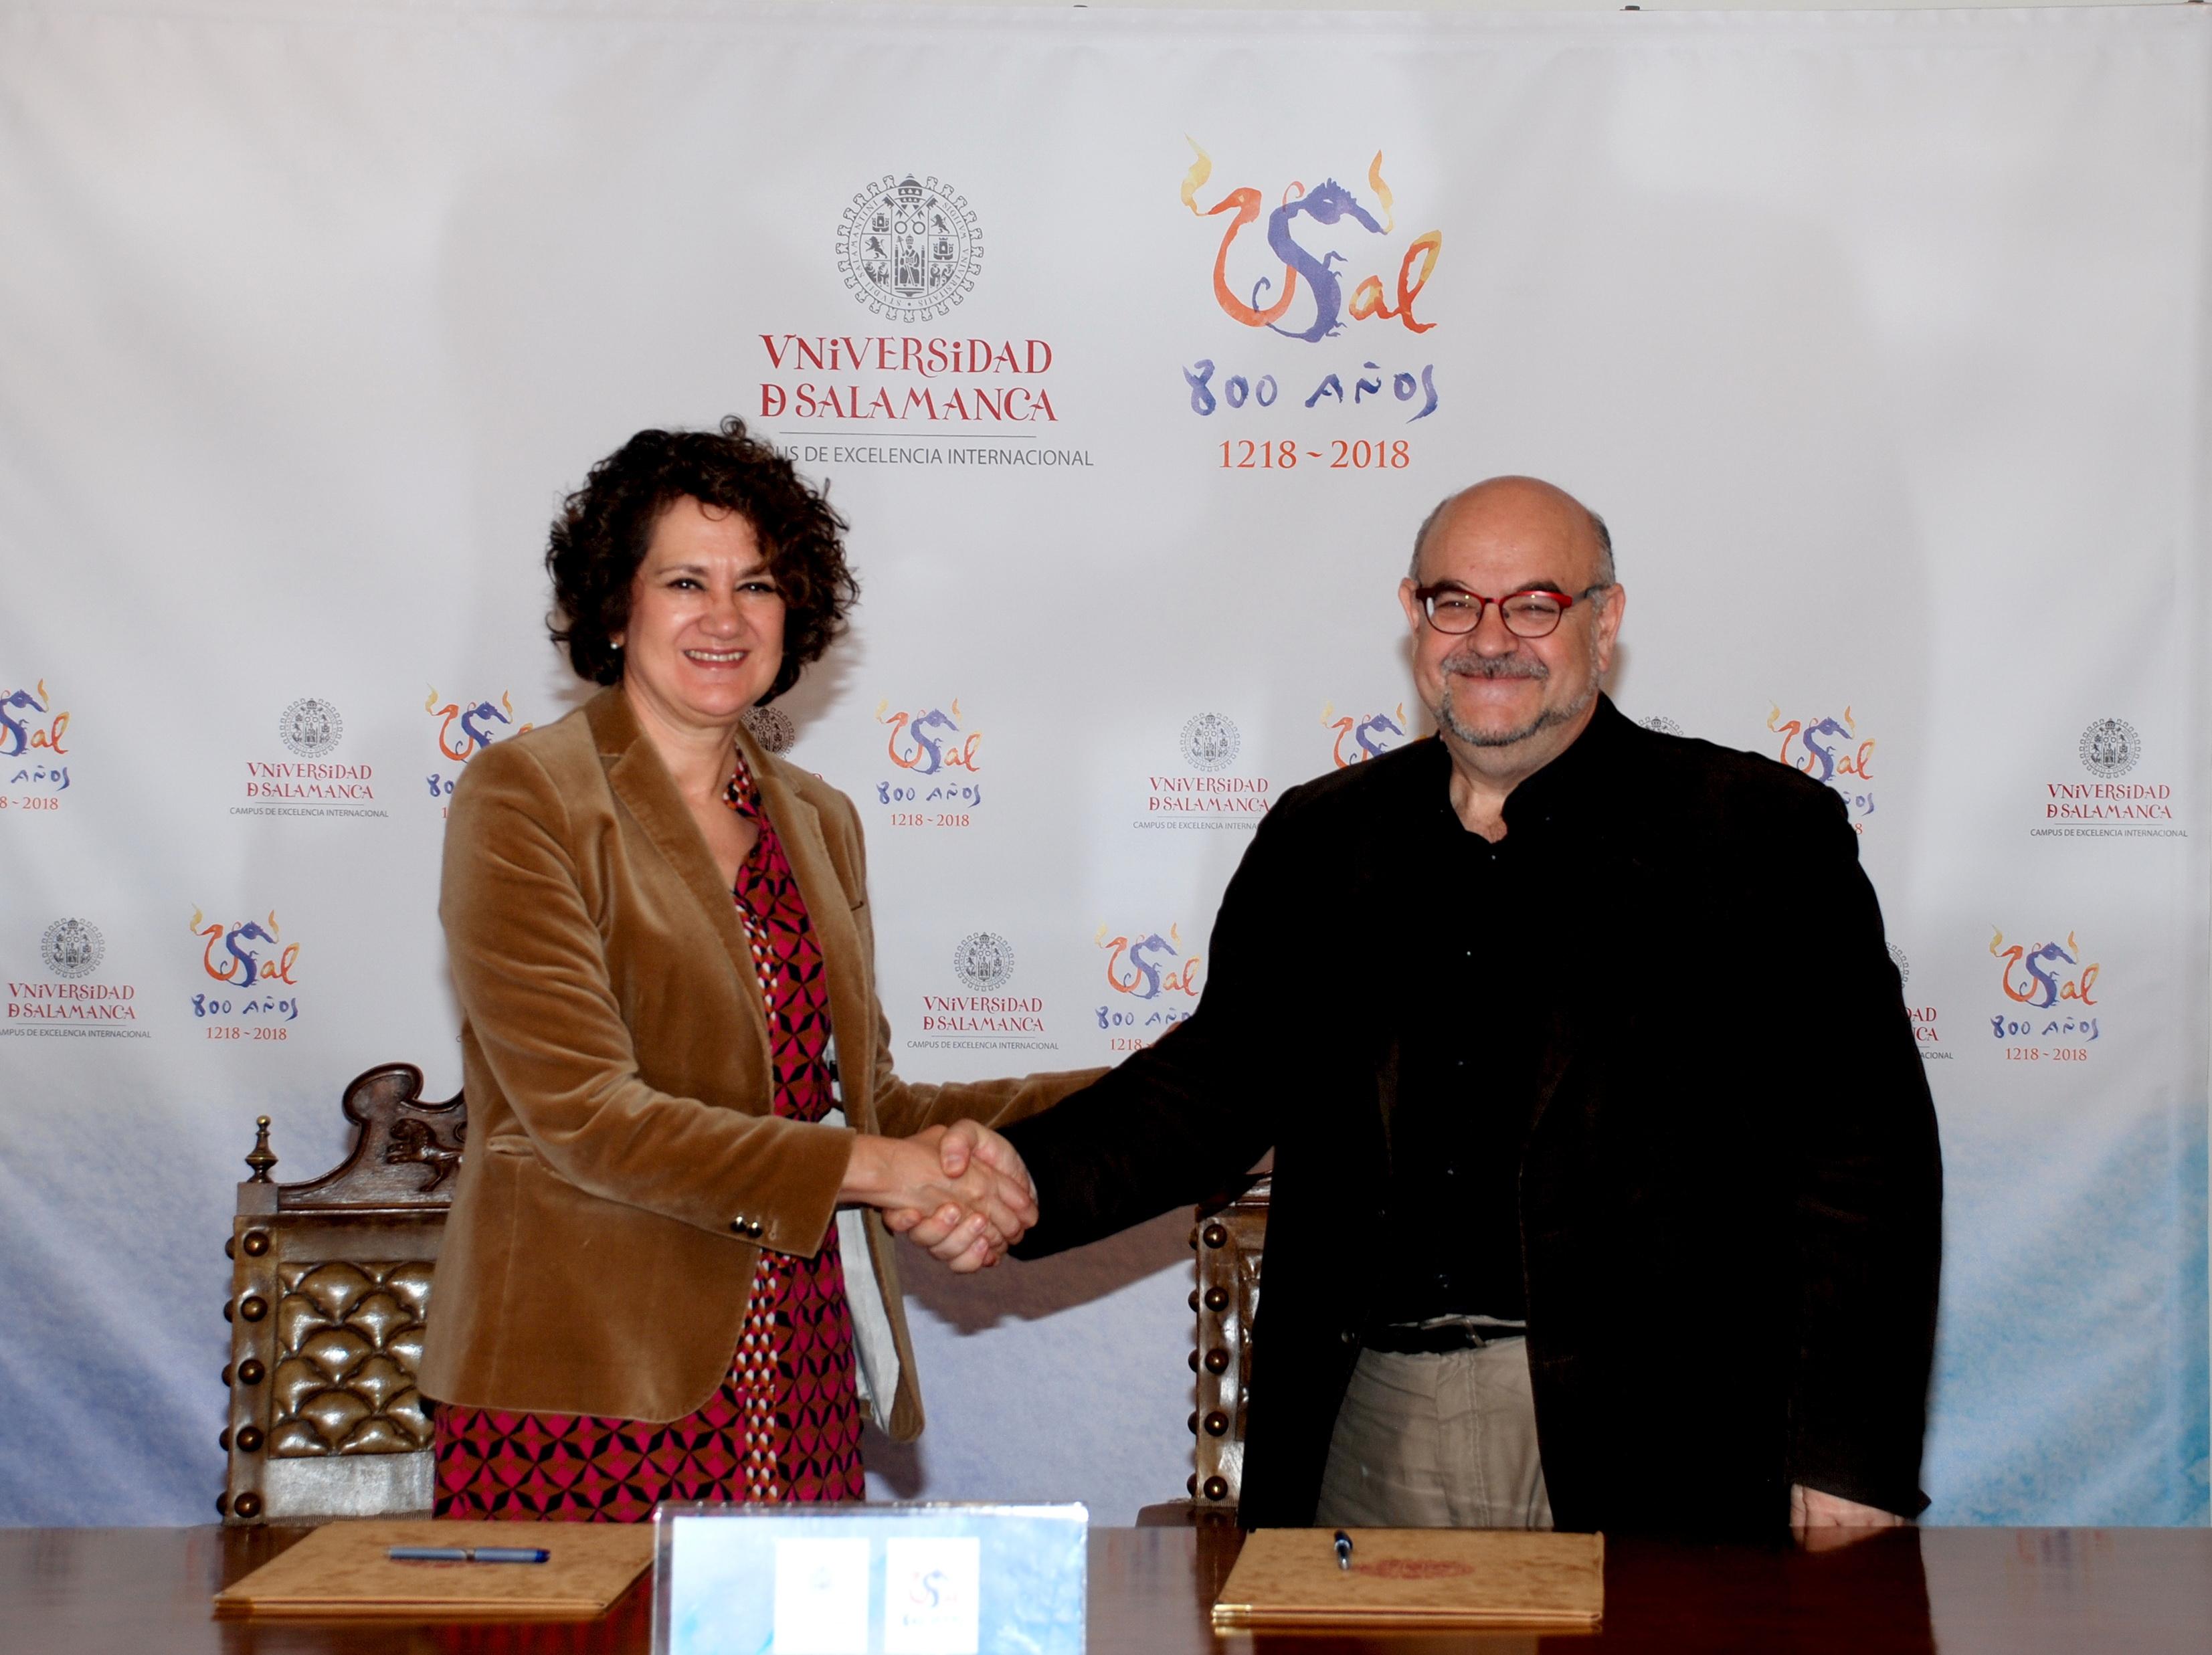 La Universidad de Salamanca y Amnistía Internacional Salamanca cooperarán en el estímulo de los derechos humanos